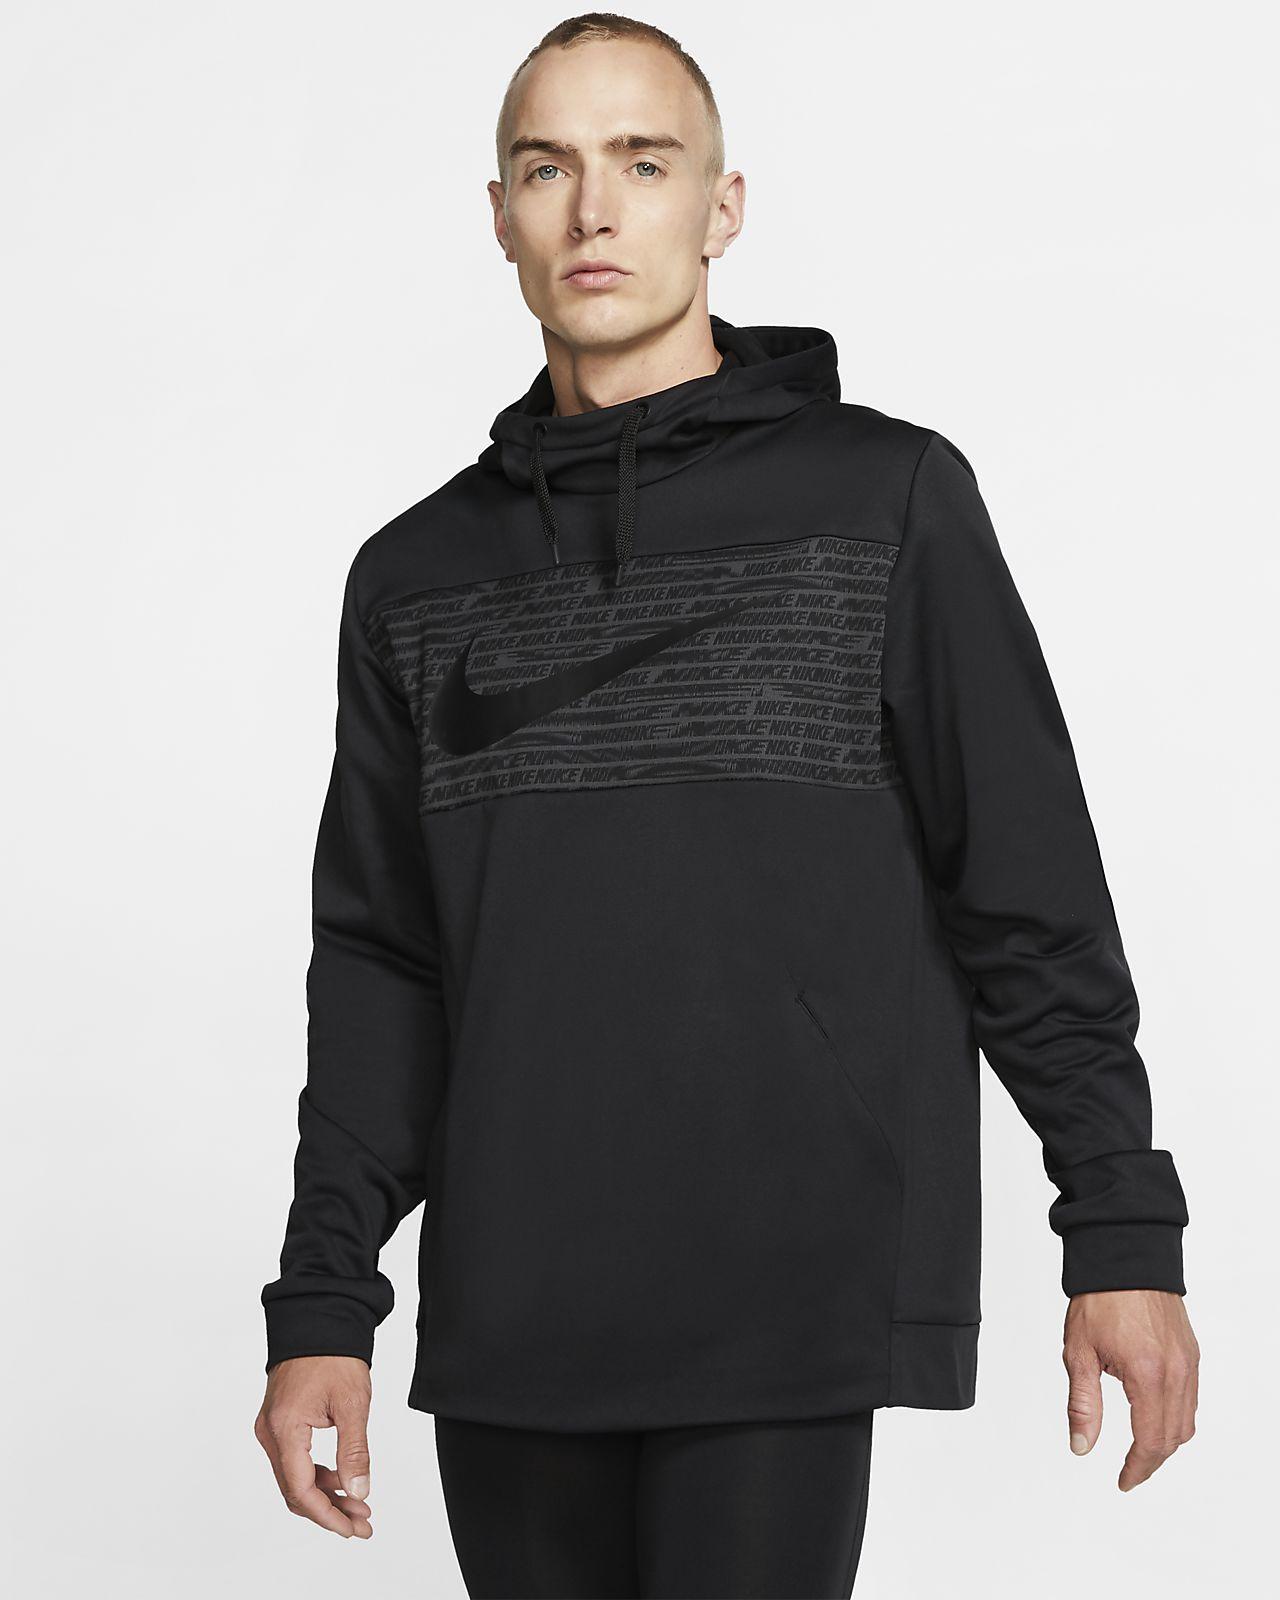 Nike Therma-sweatshirt-træningshættetrøje i fleece til mænd